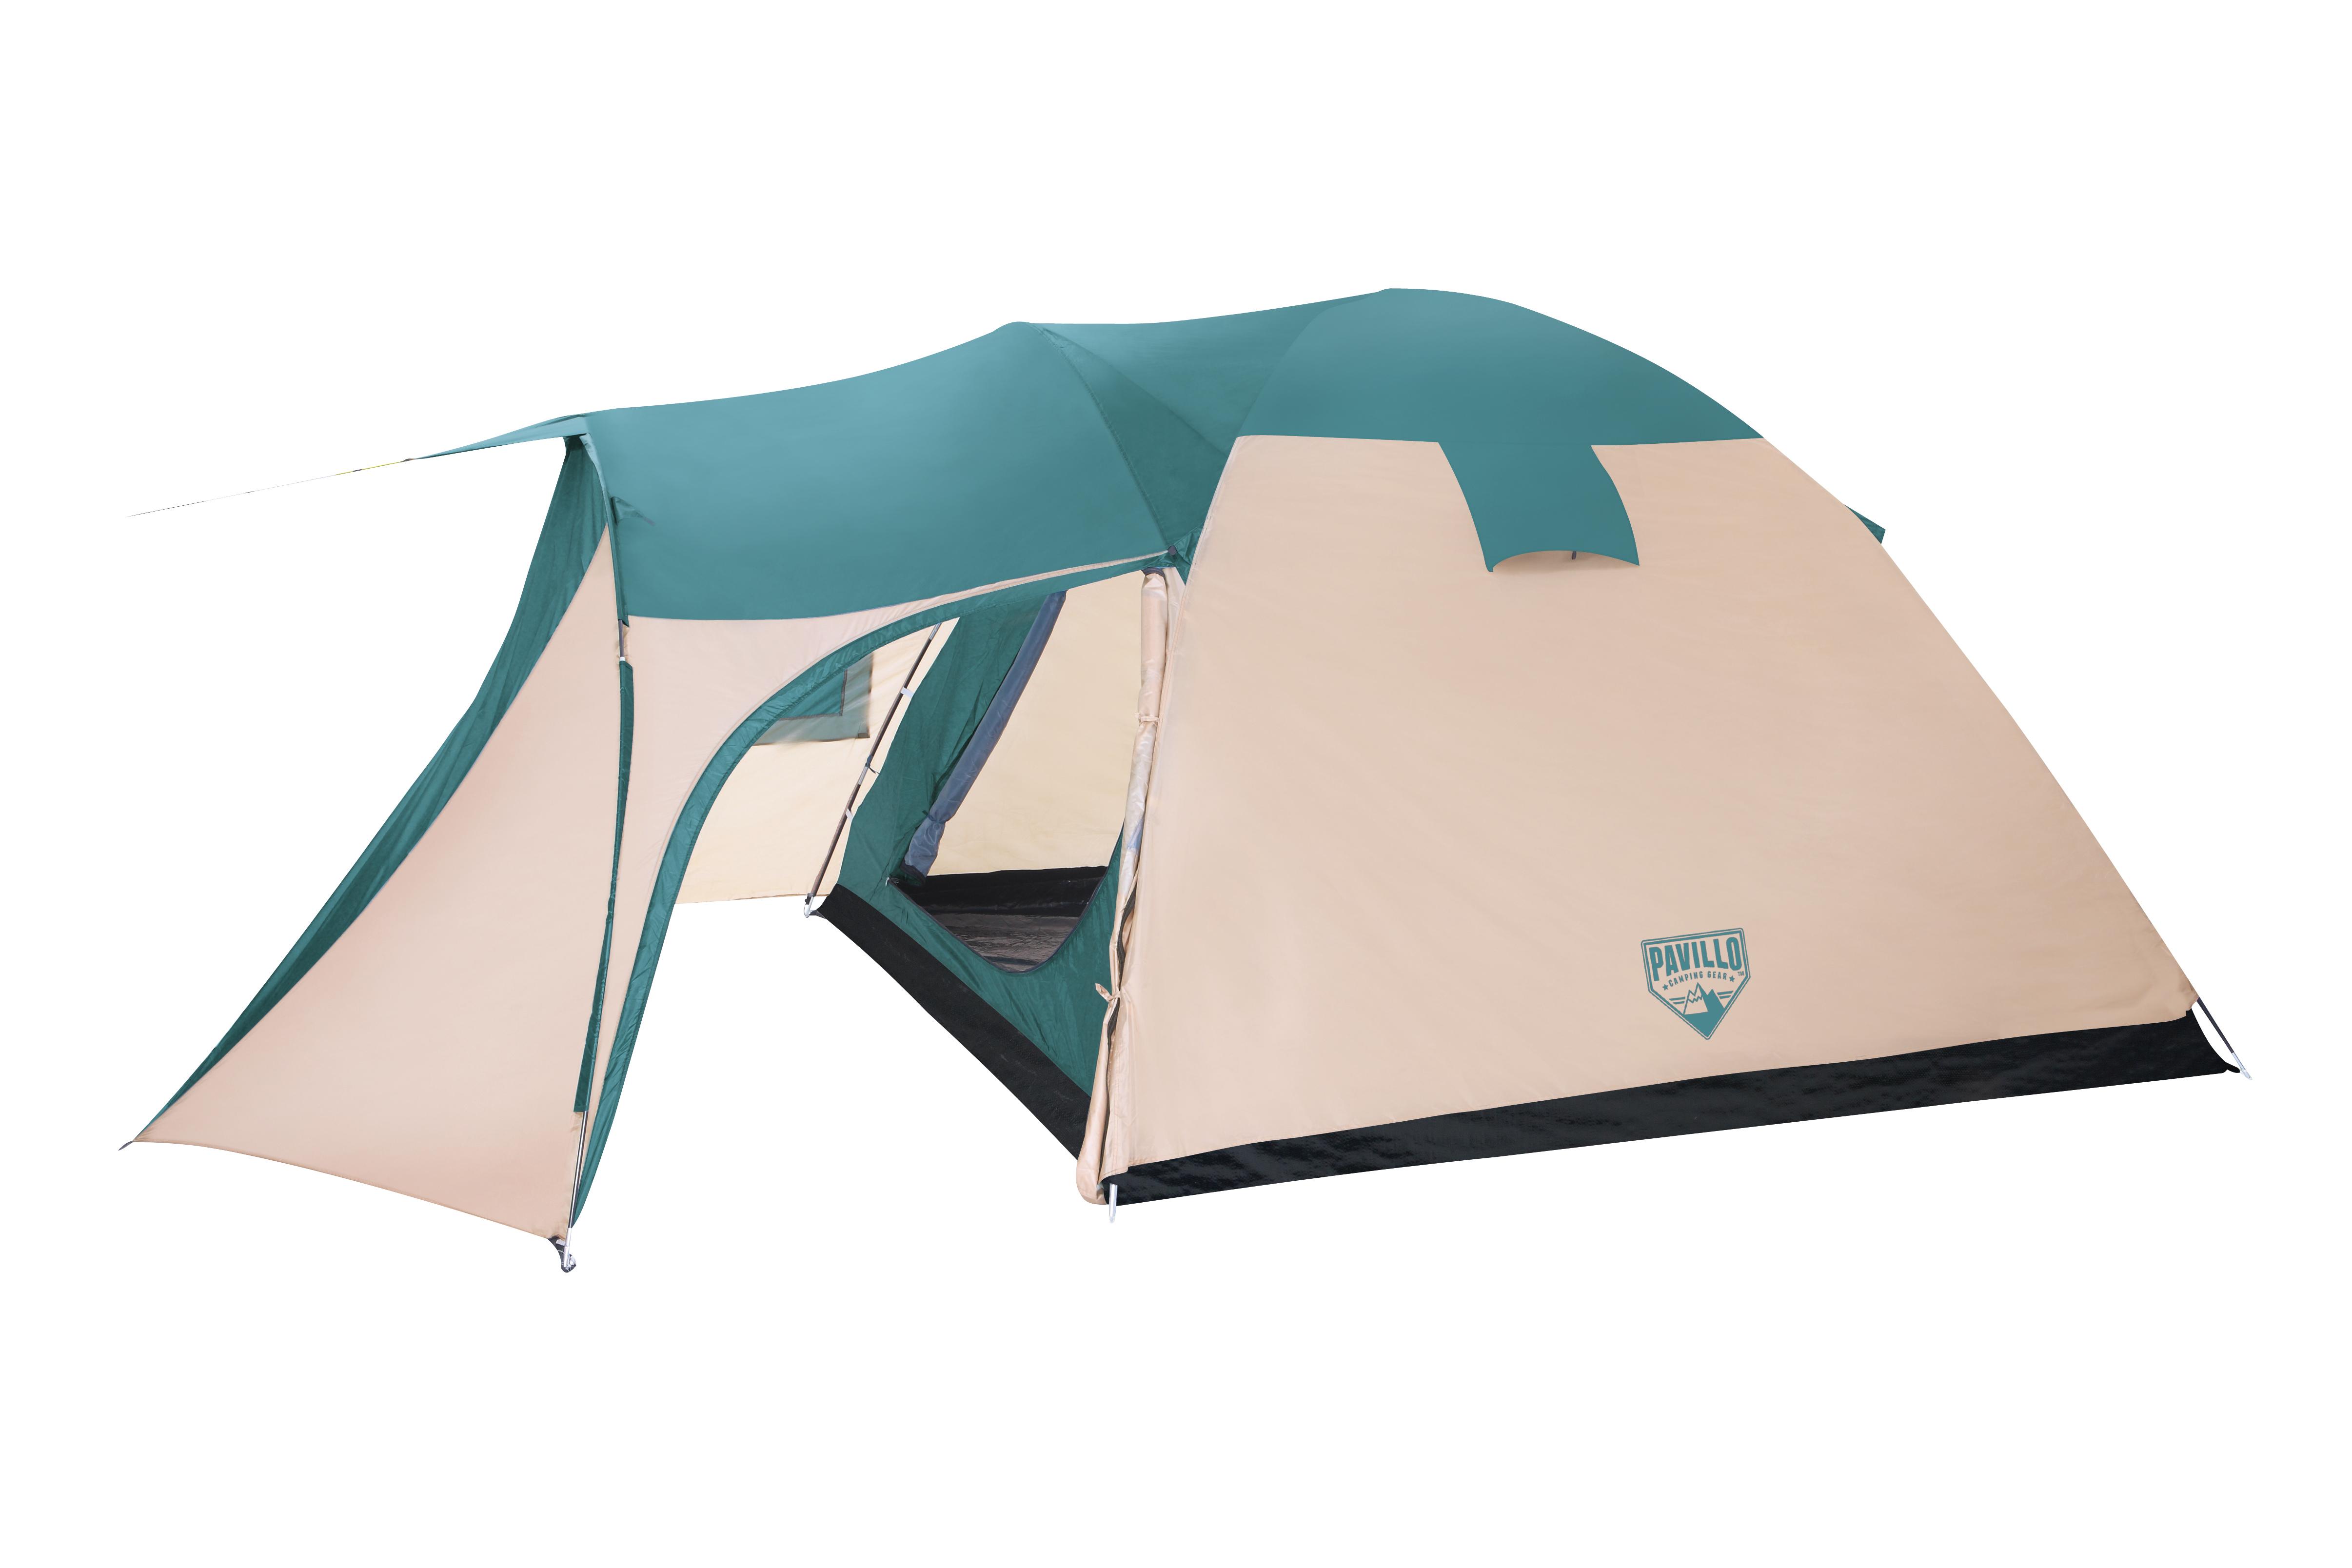 Bestway Hogan X5 Tent - 5 personen